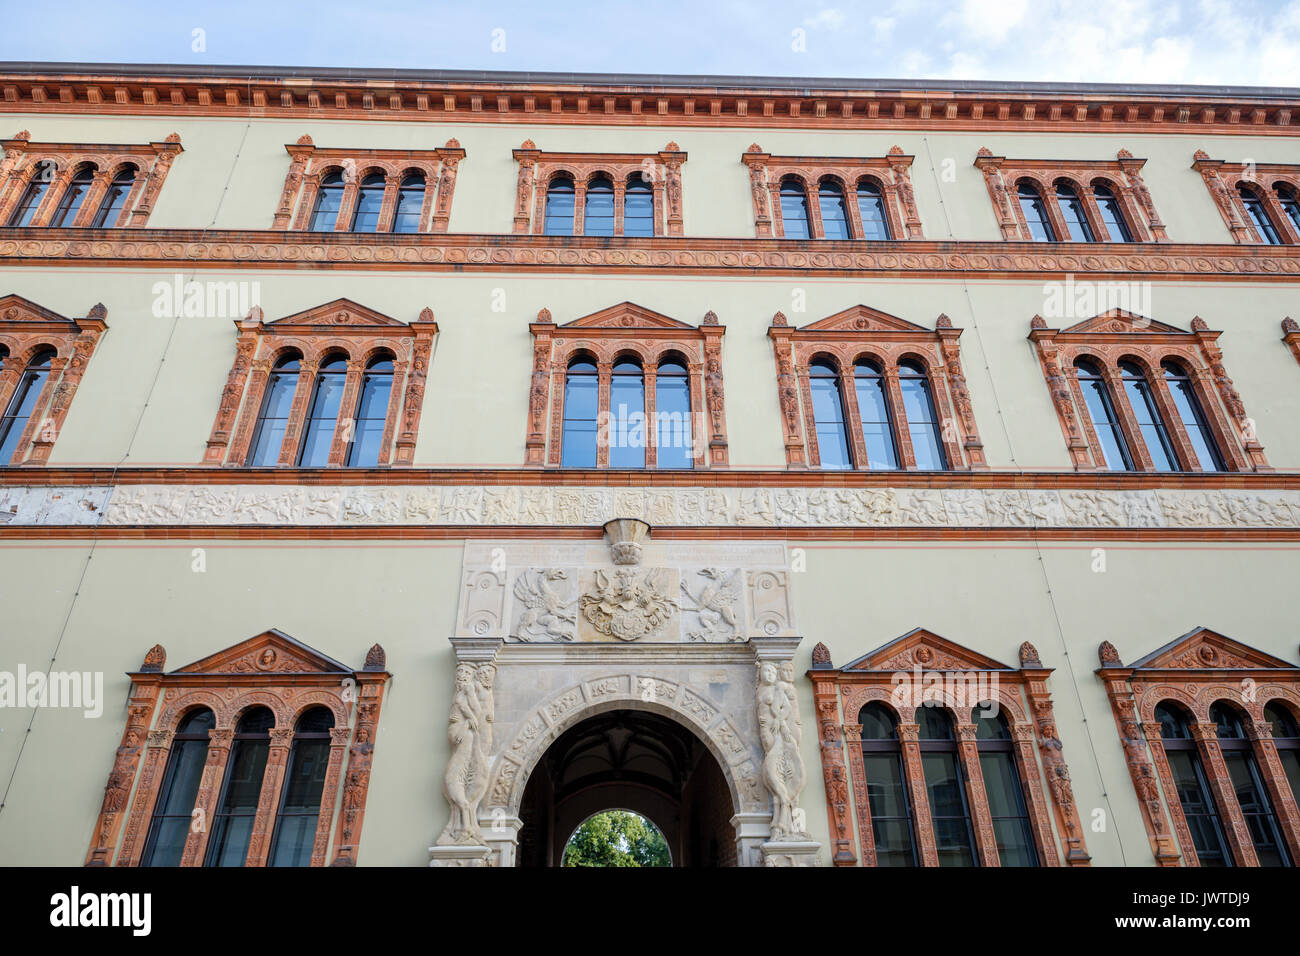 Fürstenhof, now Amtsgericht Magistrates Courts, Wismar, Mecklenburg-Vorpommern, Germany - Stock Image